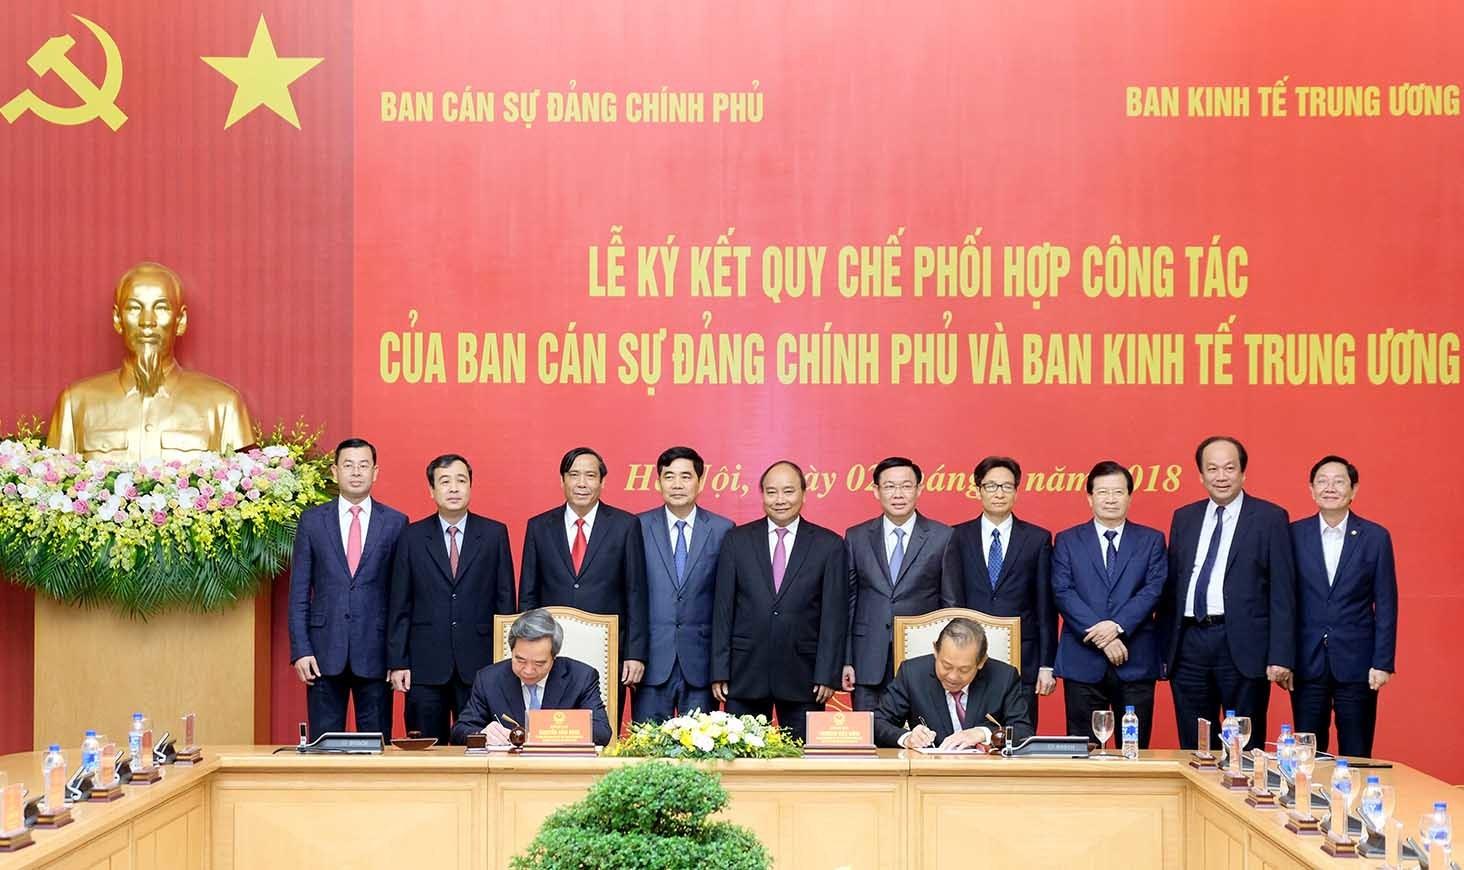 Ban Kinh tế TƯ,Thủ tướng Nguyễn Xuân Phúc,Nguyễn Văn Bình